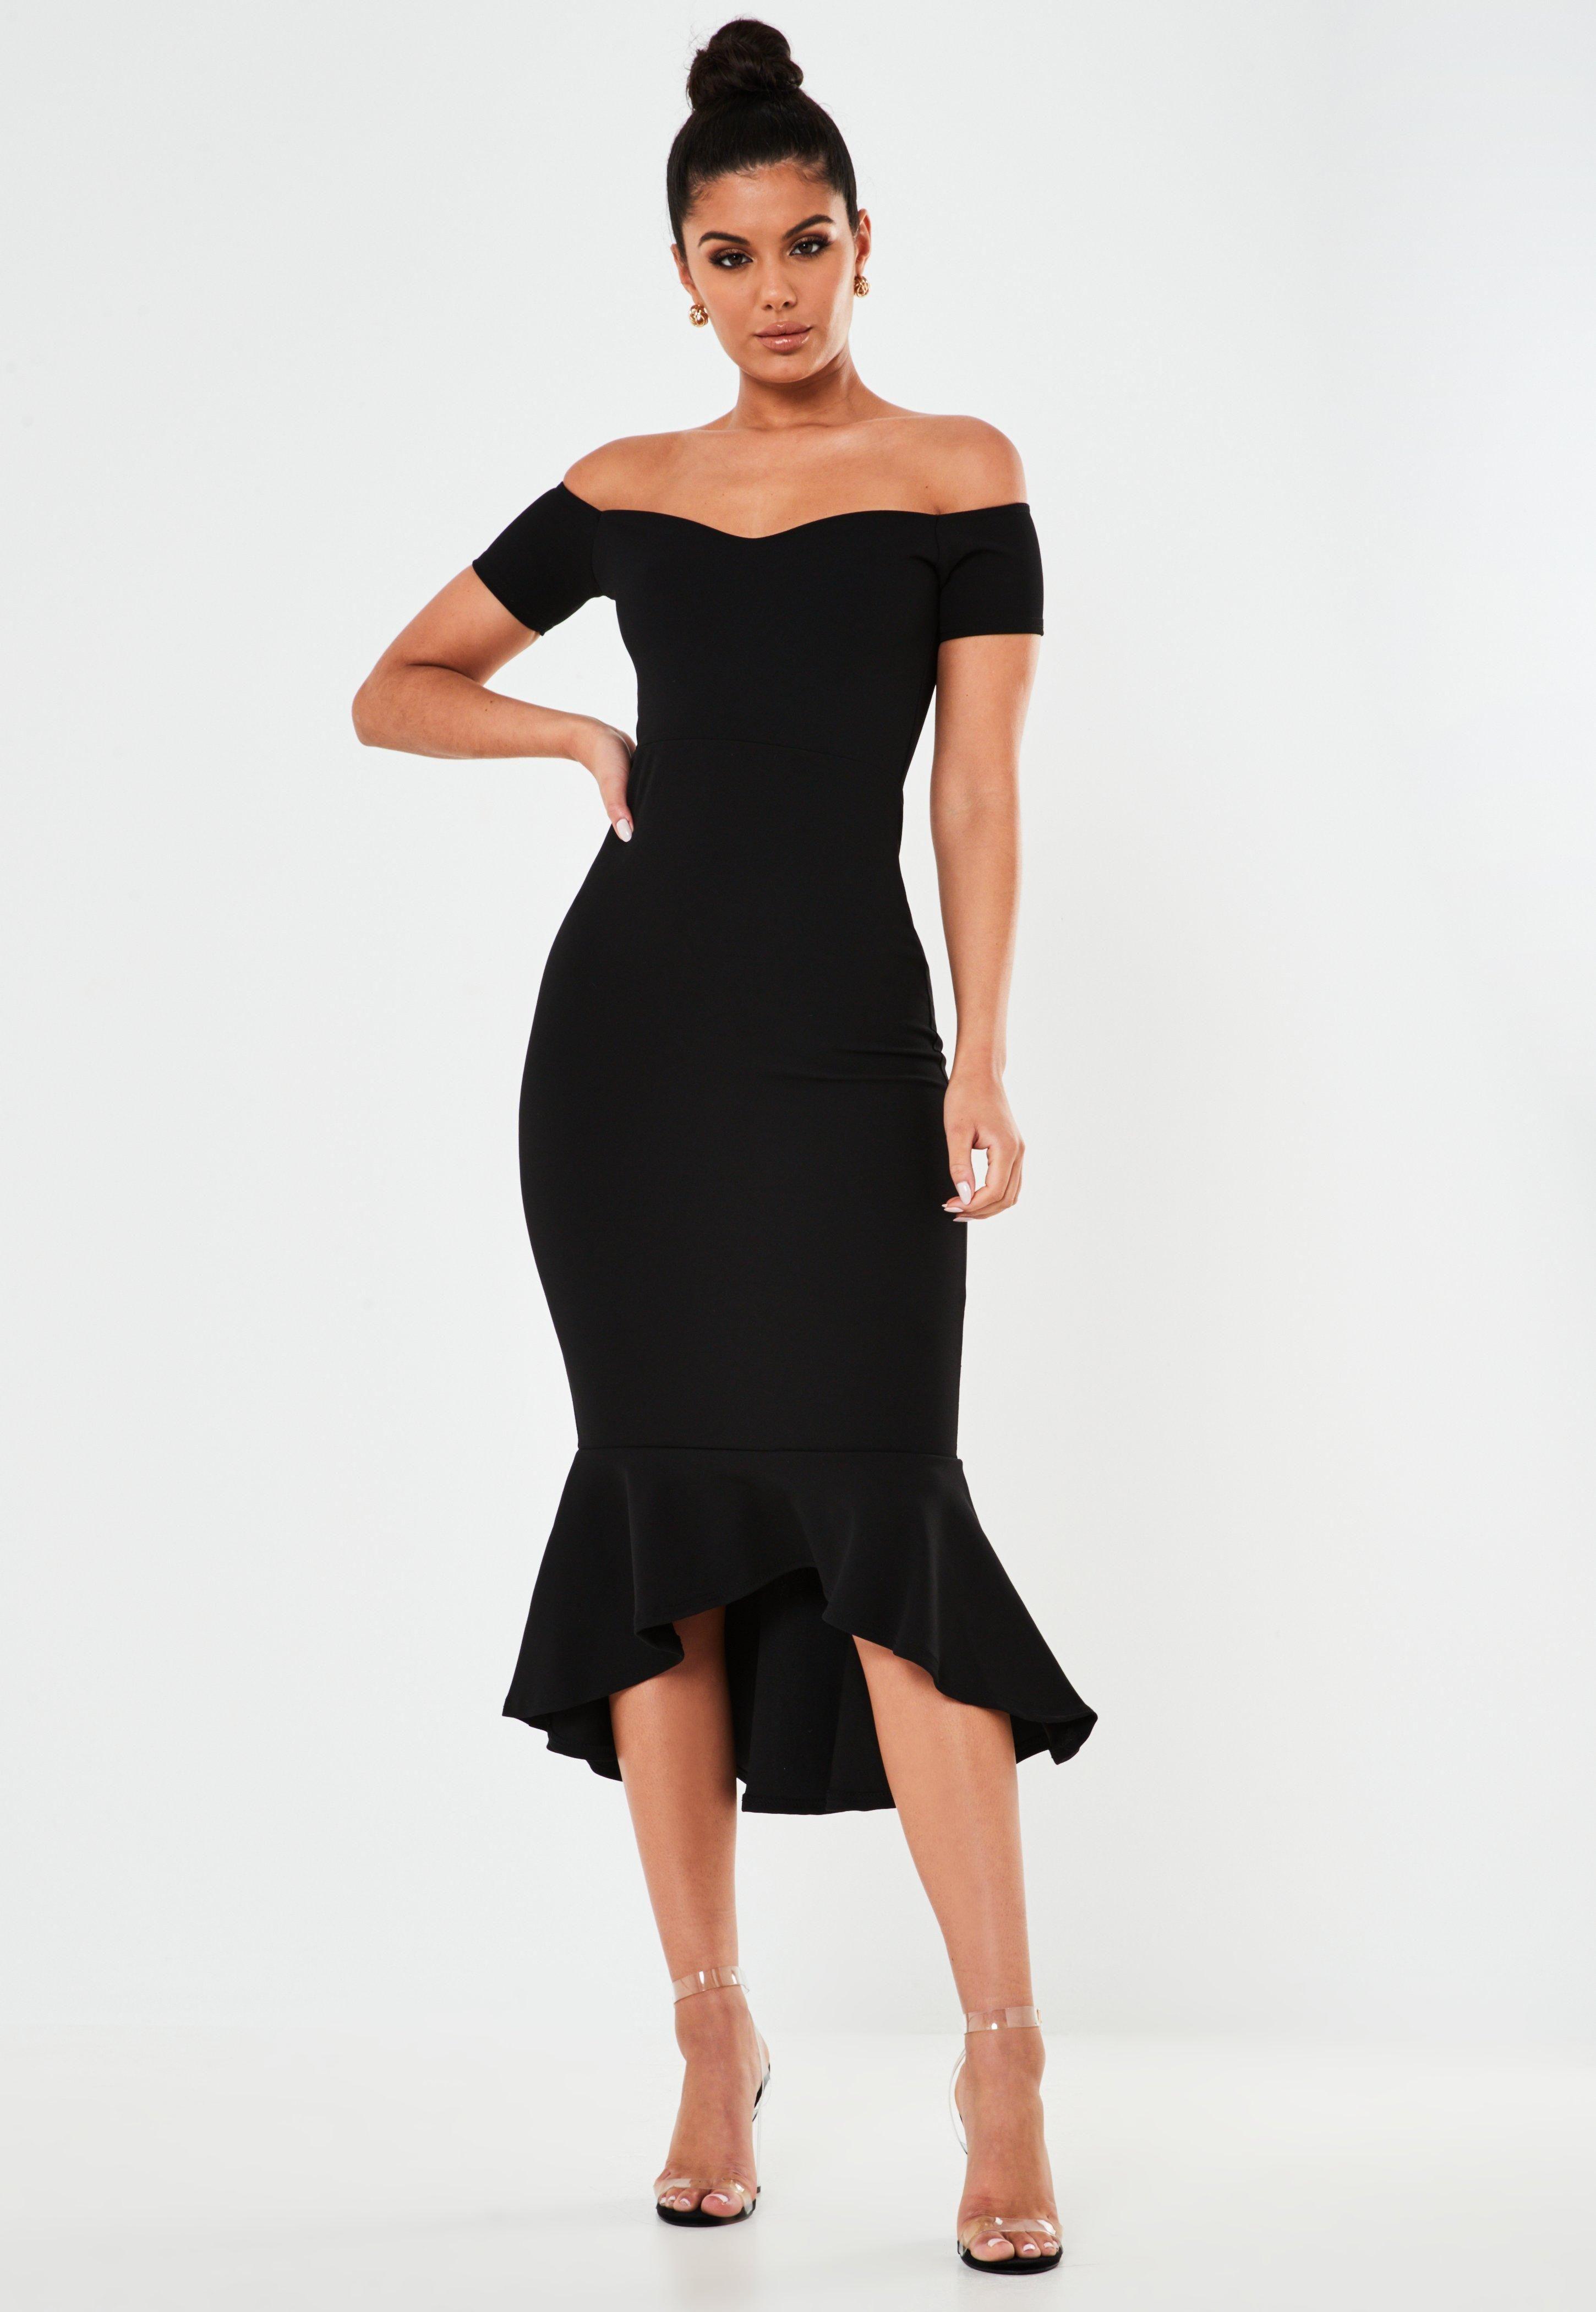 Missguided Black Bardot Fishtail Bodycon Midi Dress Midi Dress Bodycon Midi Bridesmaid Dress Fishtail Midi Dress [ 4200 x 2900 Pixel ]